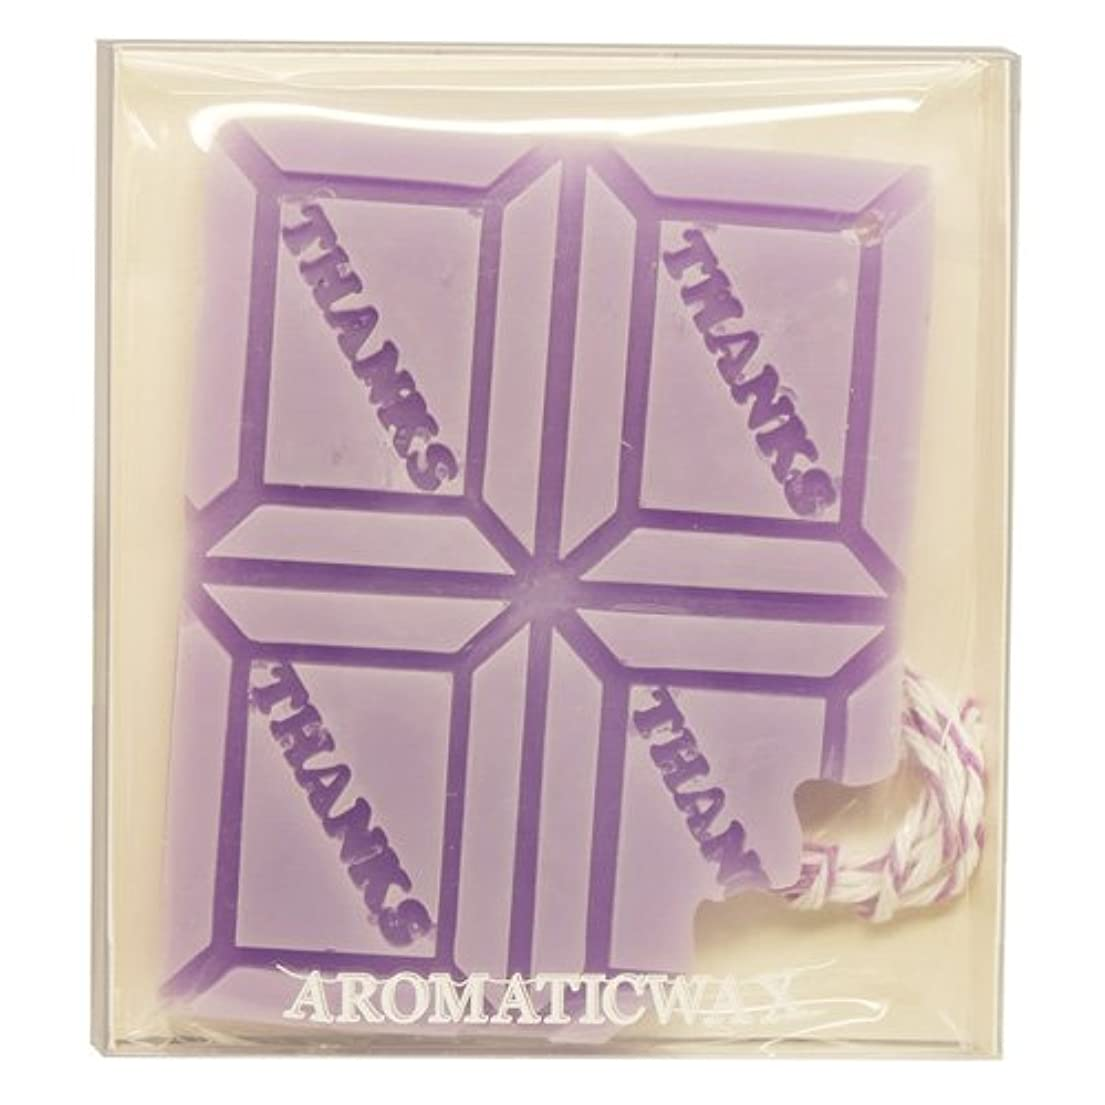 分注する生理半径GRASSE TOKYO AROMATICWAXチャーム「板チョコ(THANKS)」(PU) ラベンダー アロマティックワックス グラーストウキョウ